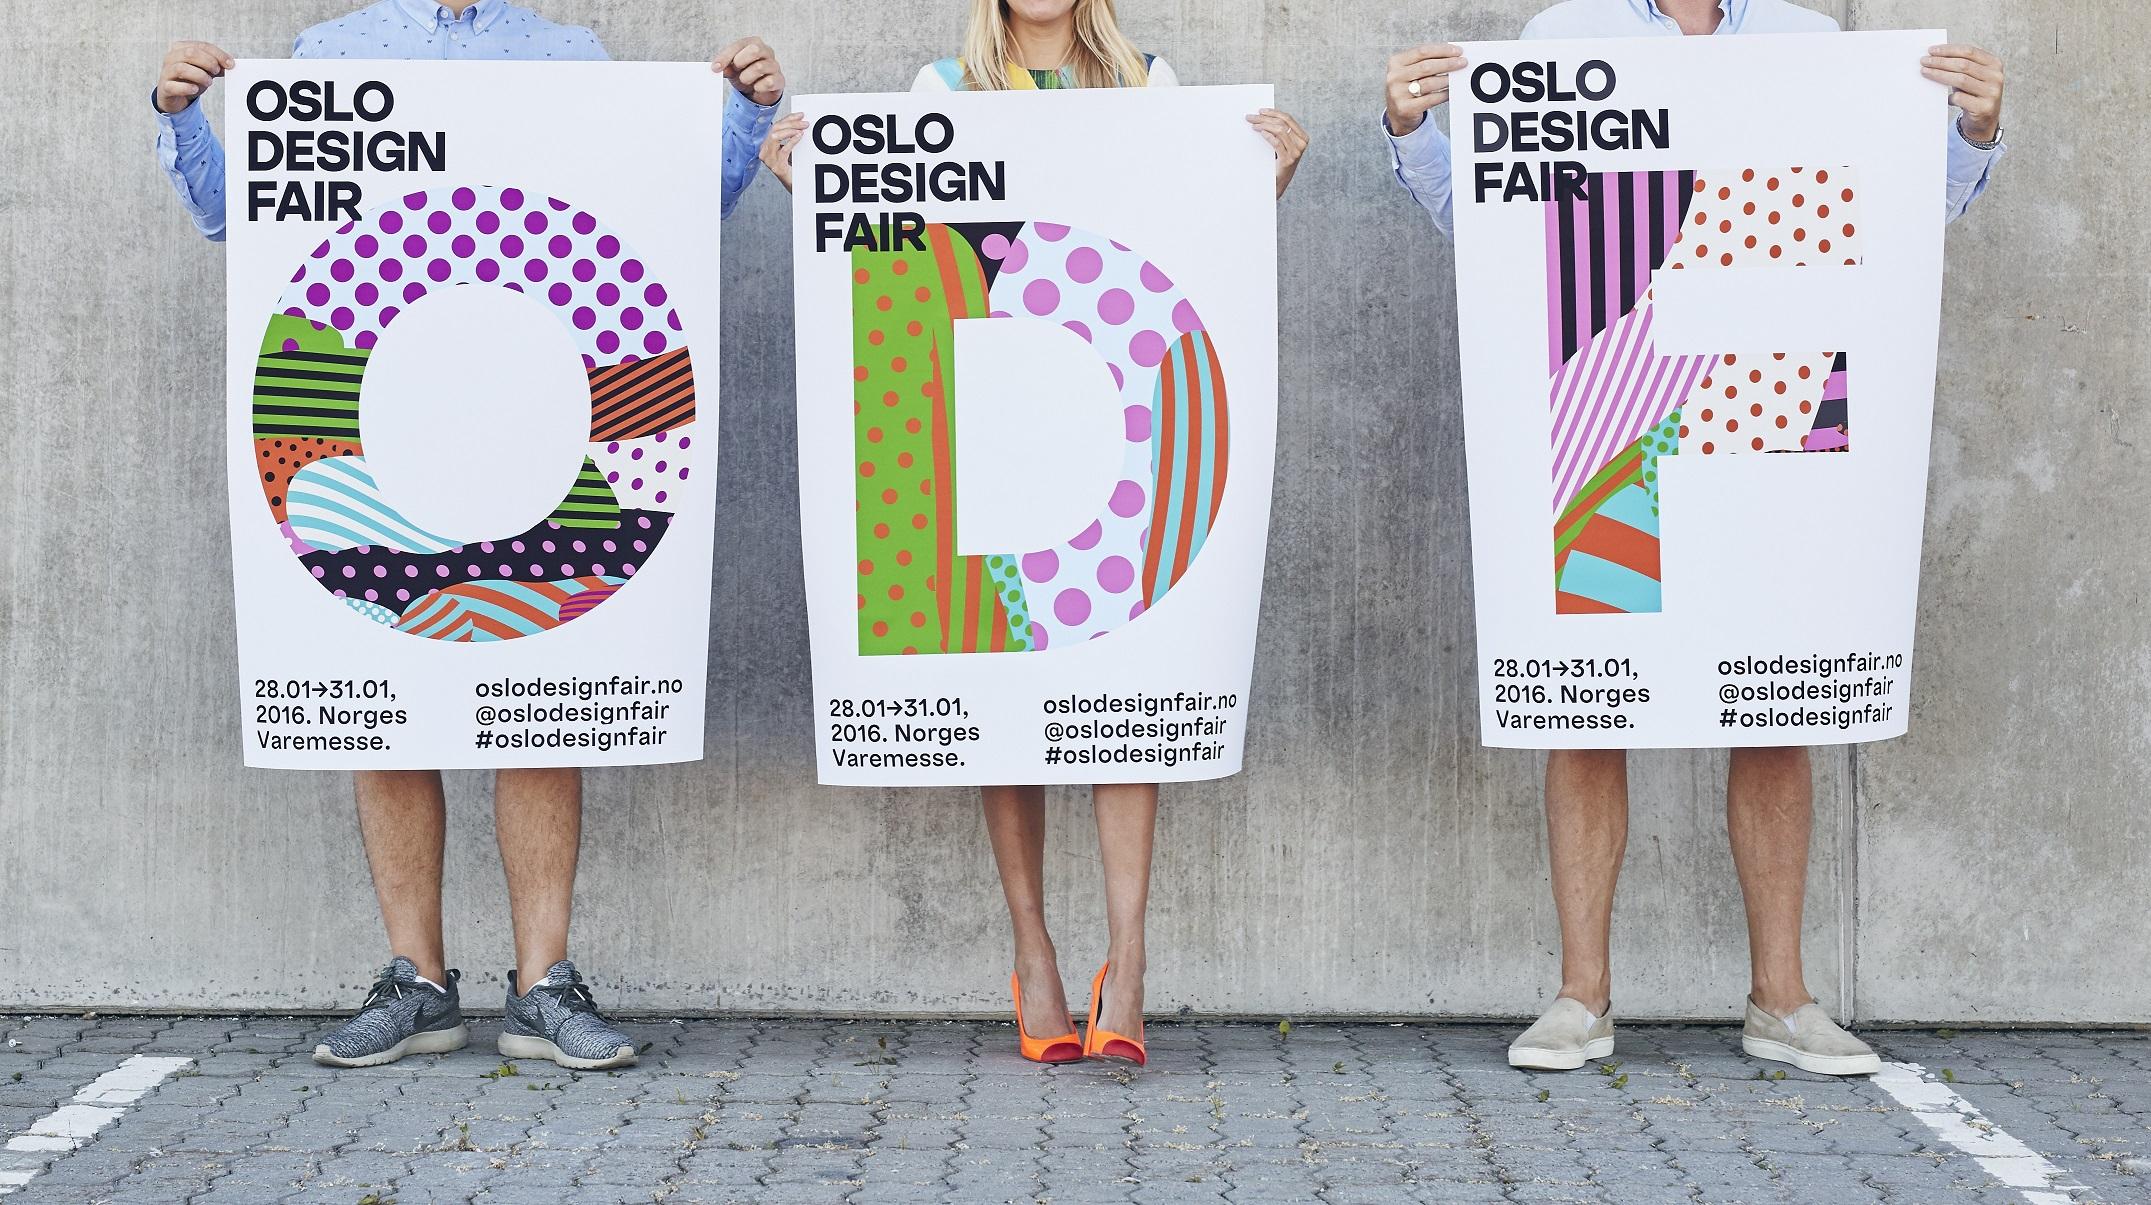 Oslo Design Fair´s nye logo. Designet av Bjelke+Yang. Foto: Einar Asla